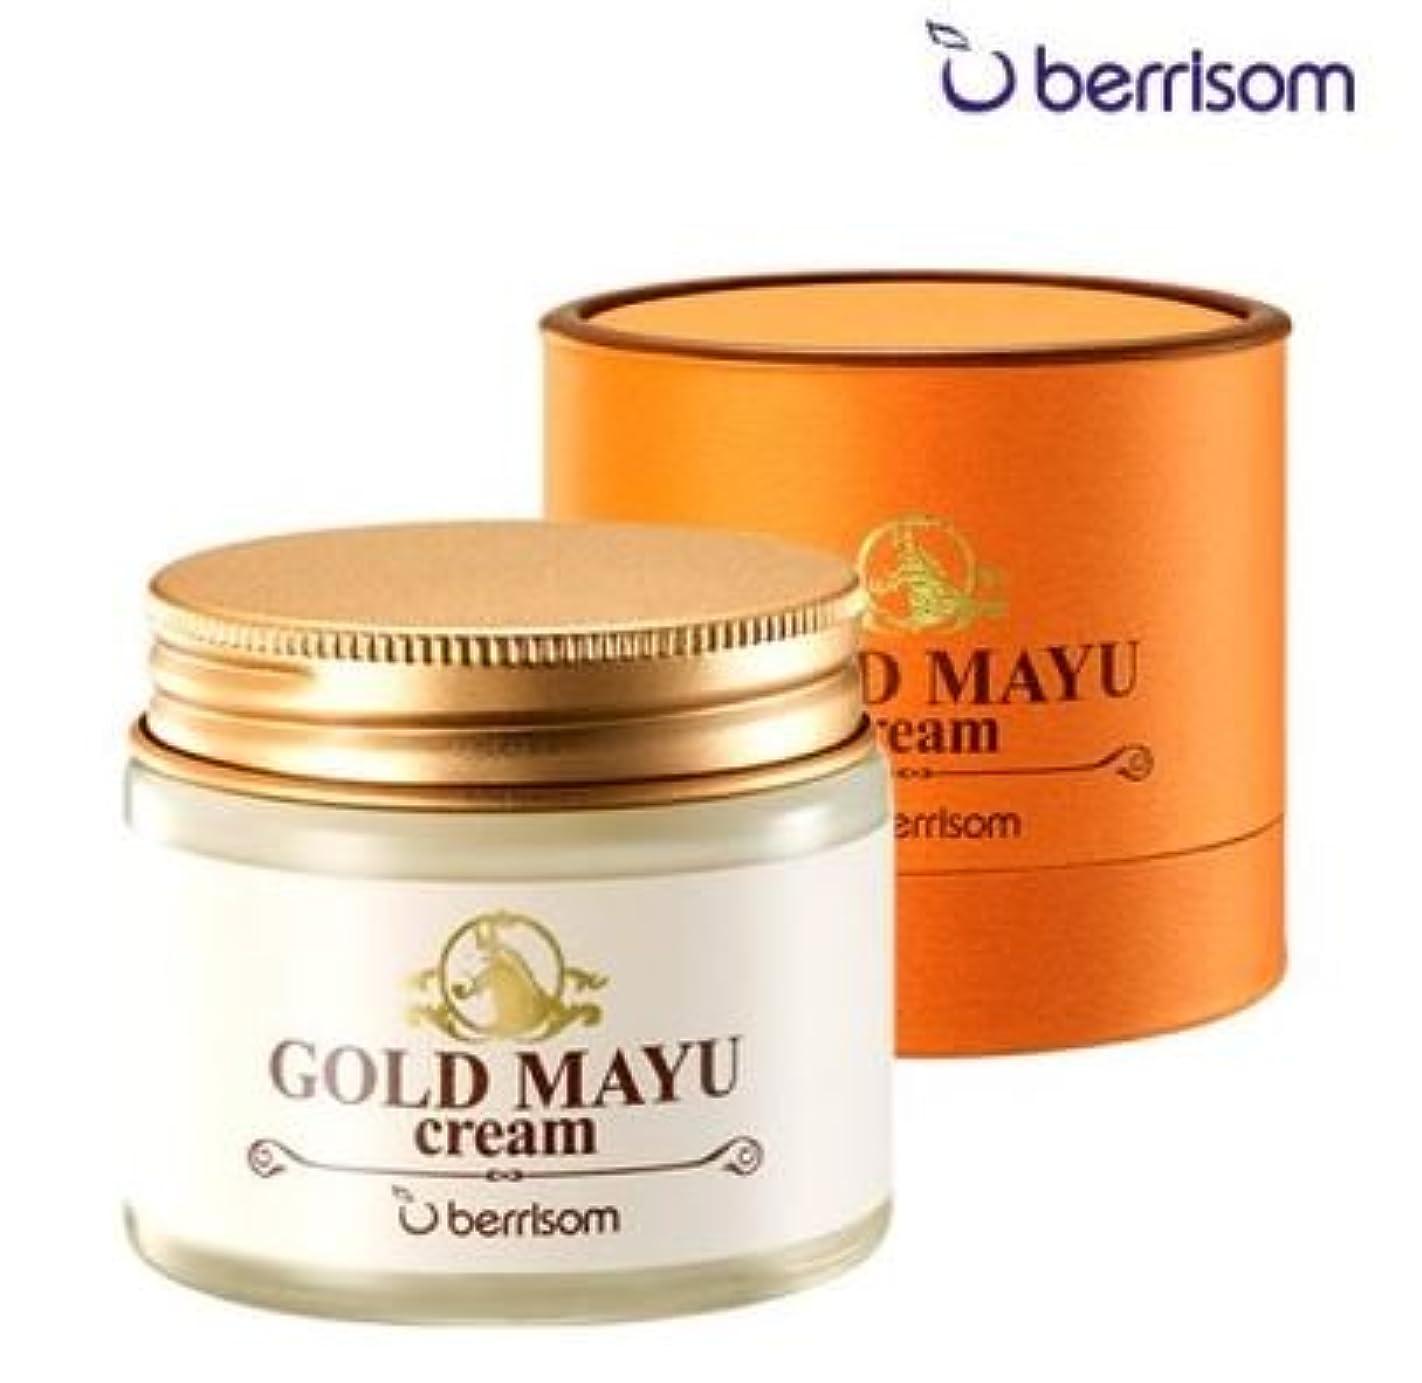 つづり水銀の味方Berrisom(ベリサム) ゴールド 馬油クリーム/Gold Mayu Cream/Horse Oil Cream(70g) [並行輸入品]